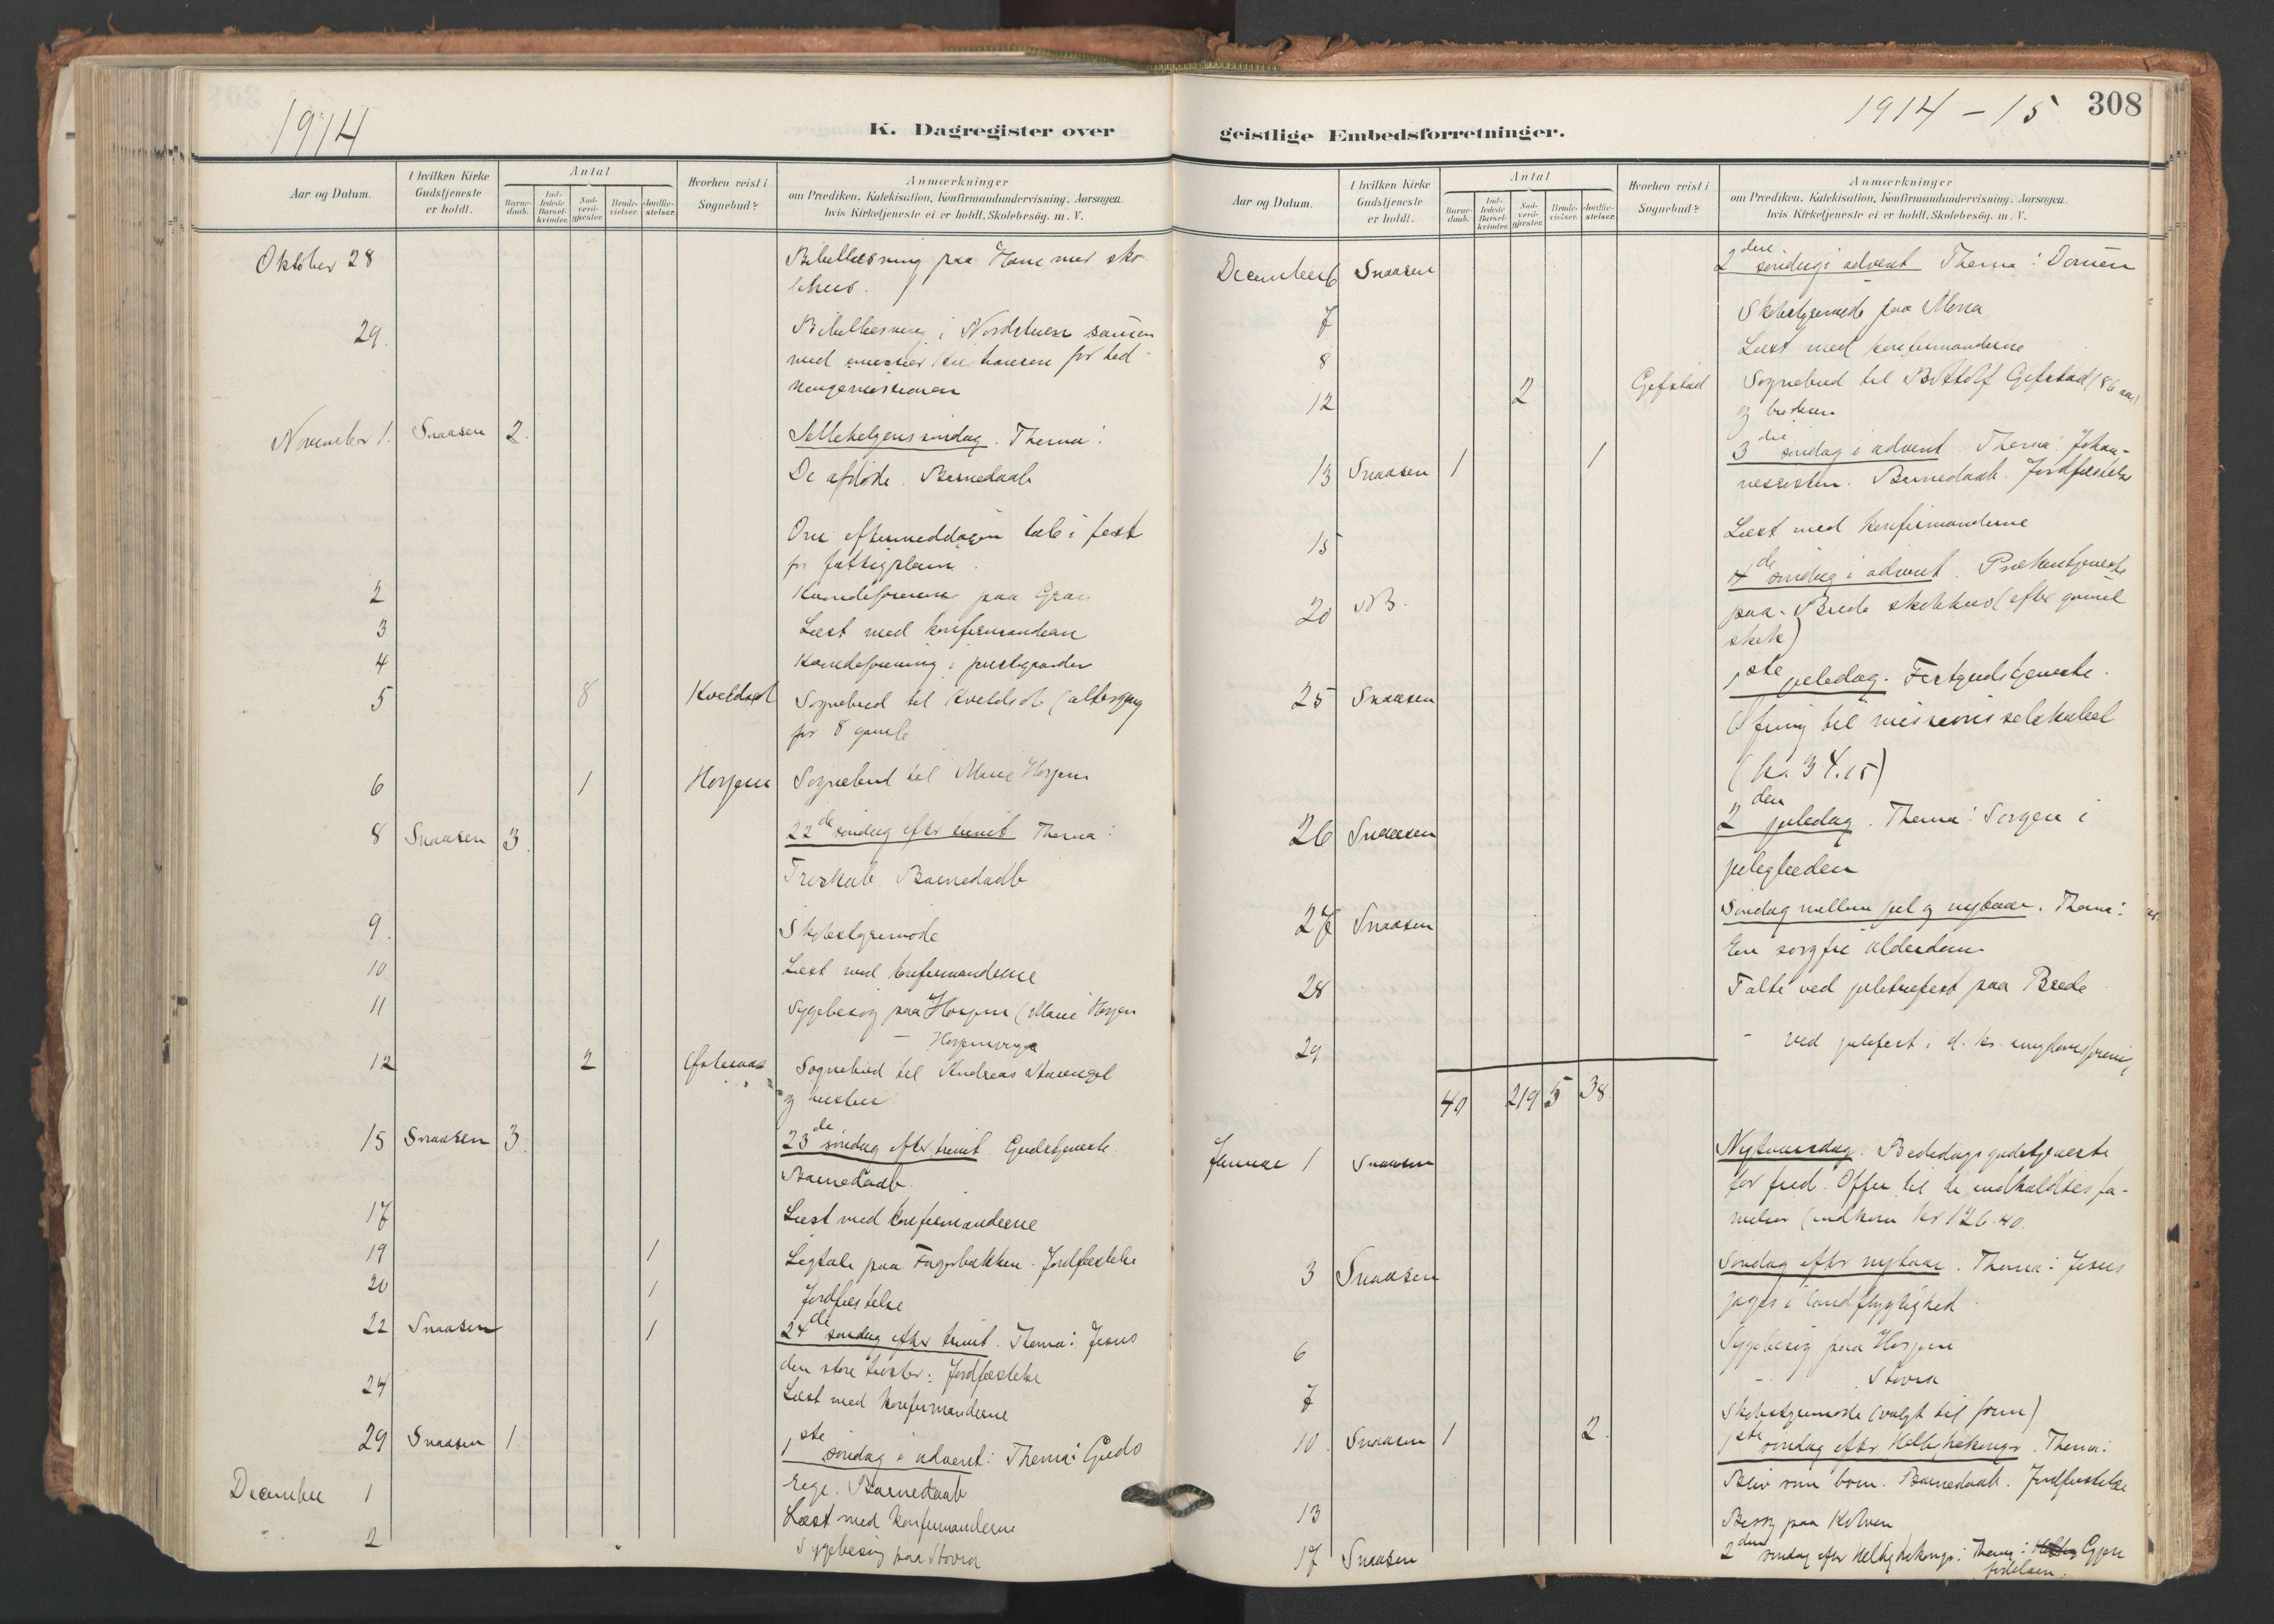 SAT, Ministerialprotokoller, klokkerbøker og fødselsregistre - Nord-Trøndelag, 749/L0477: Ministerialbok nr. 749A11, 1902-1927, s. 308